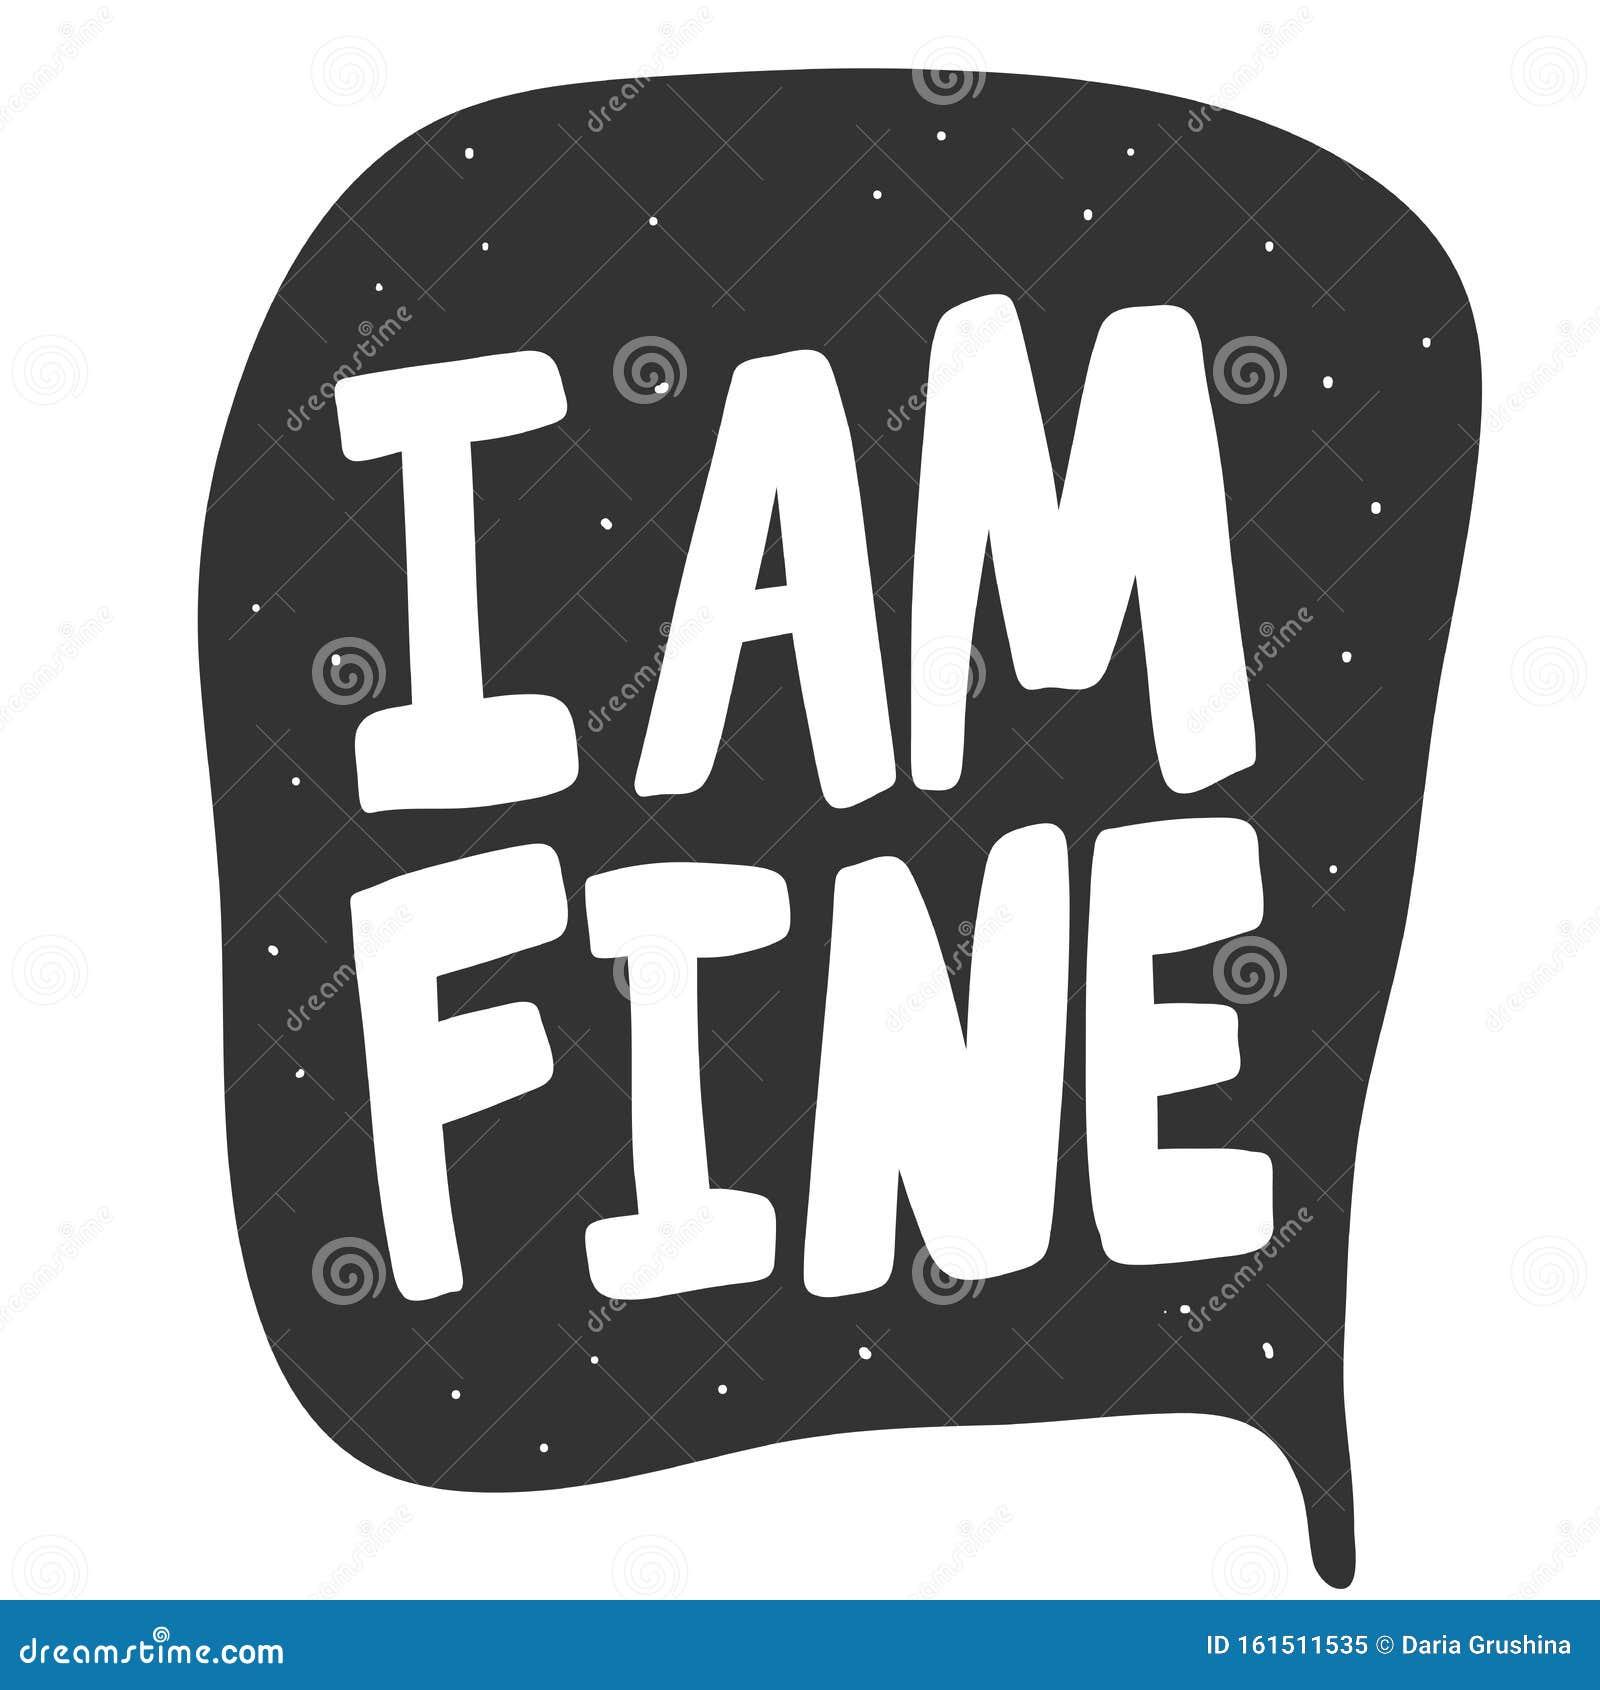 我没事带有卡通字迹的矢量手绘插图贴纸贴纸,视频博客封面,社交向量例证- 插画包括有带有卡通字迹的矢量手绘插图贴纸, 我没事: 161511535